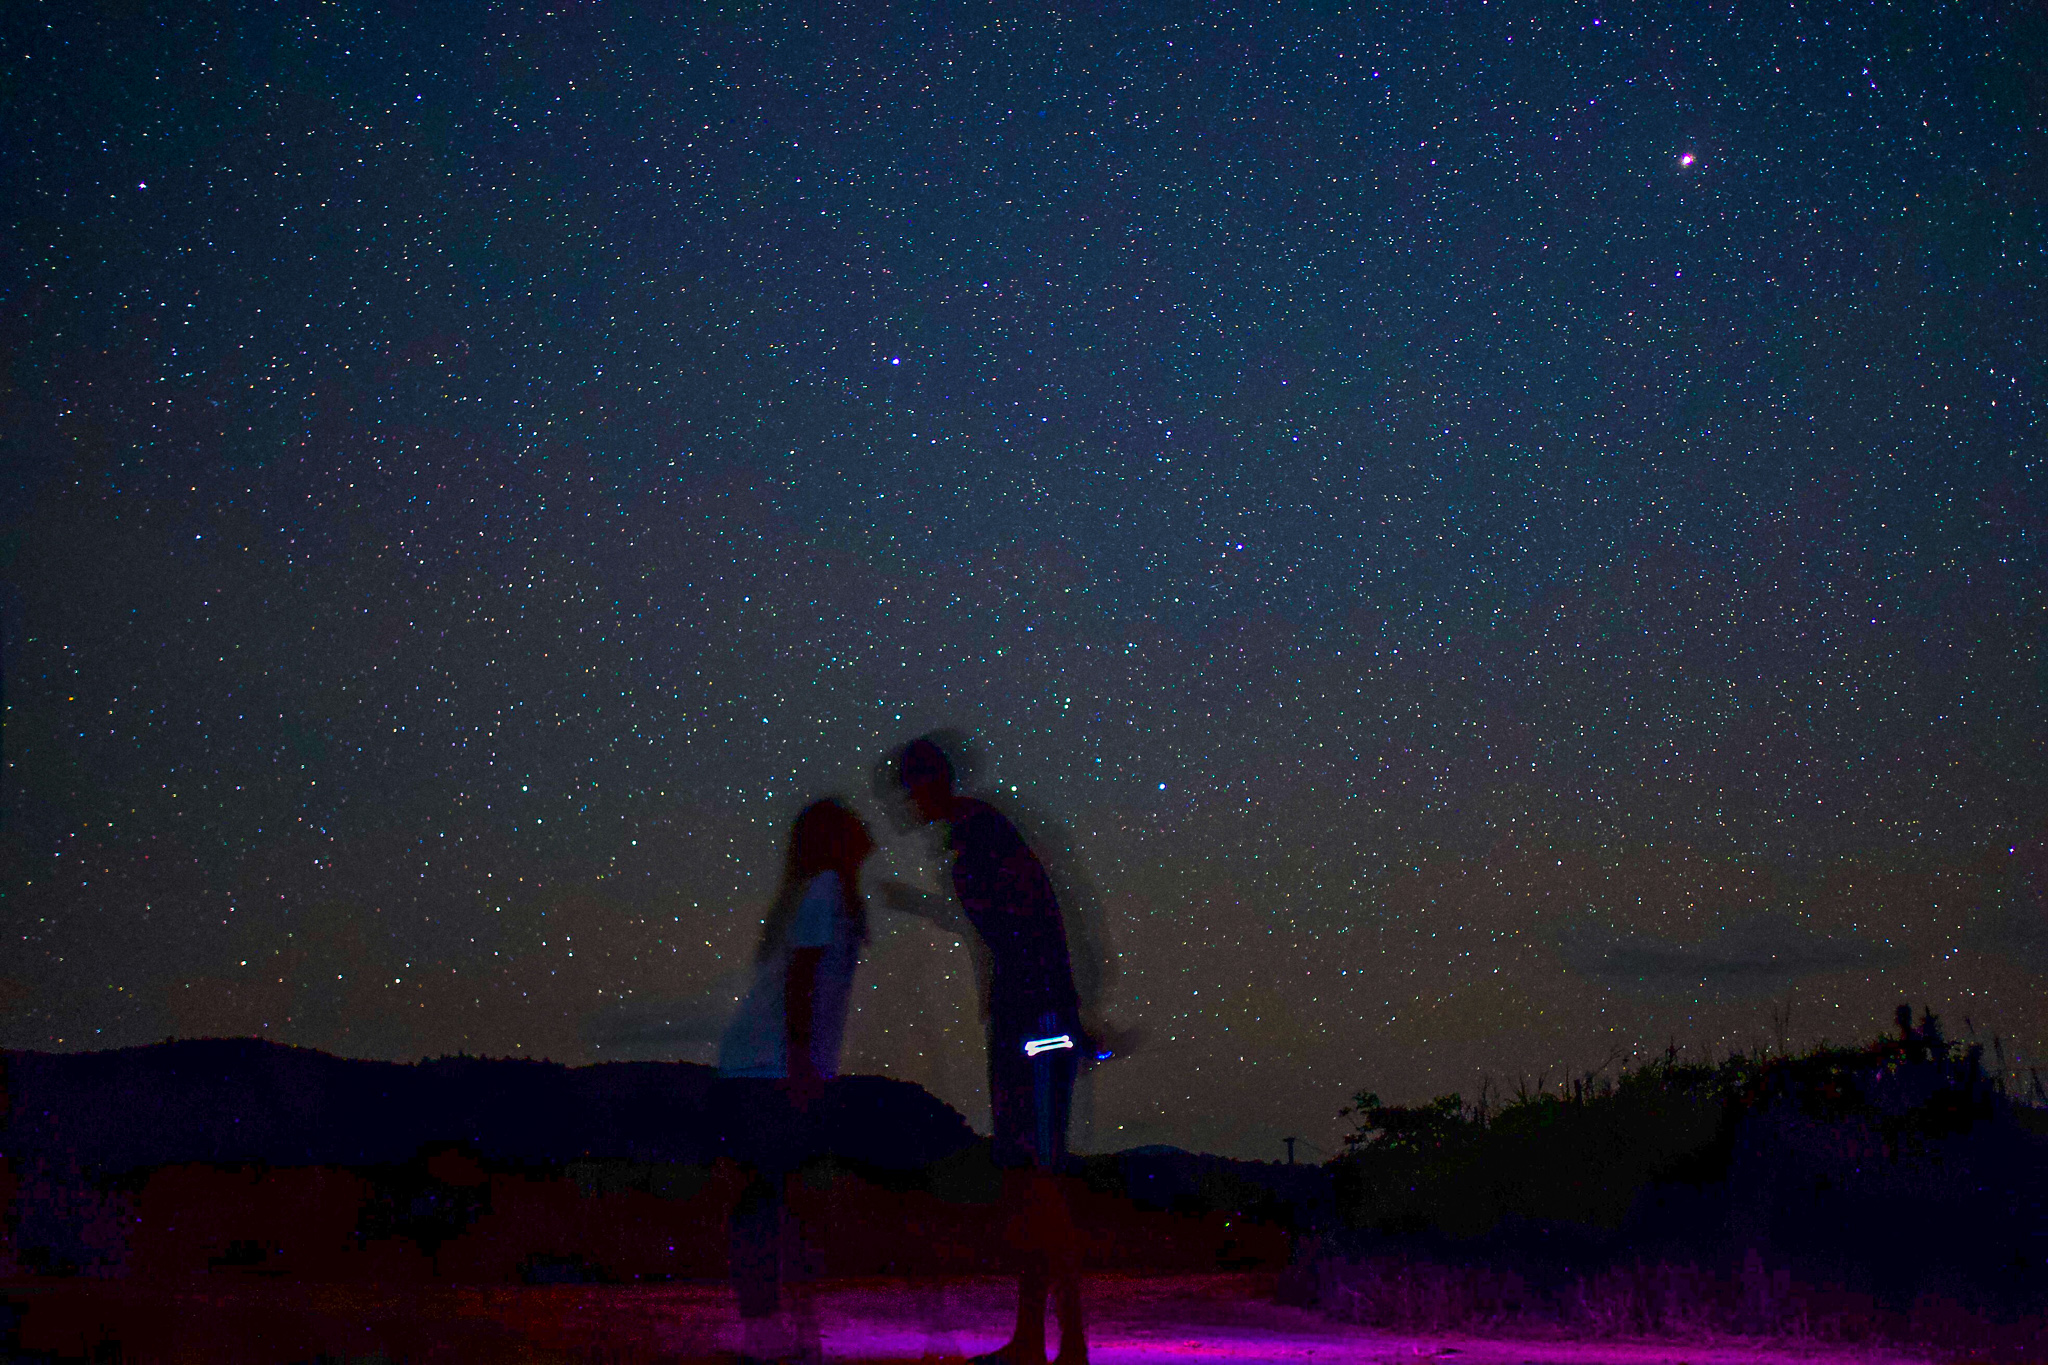 星空ツアーに参加中のカップル